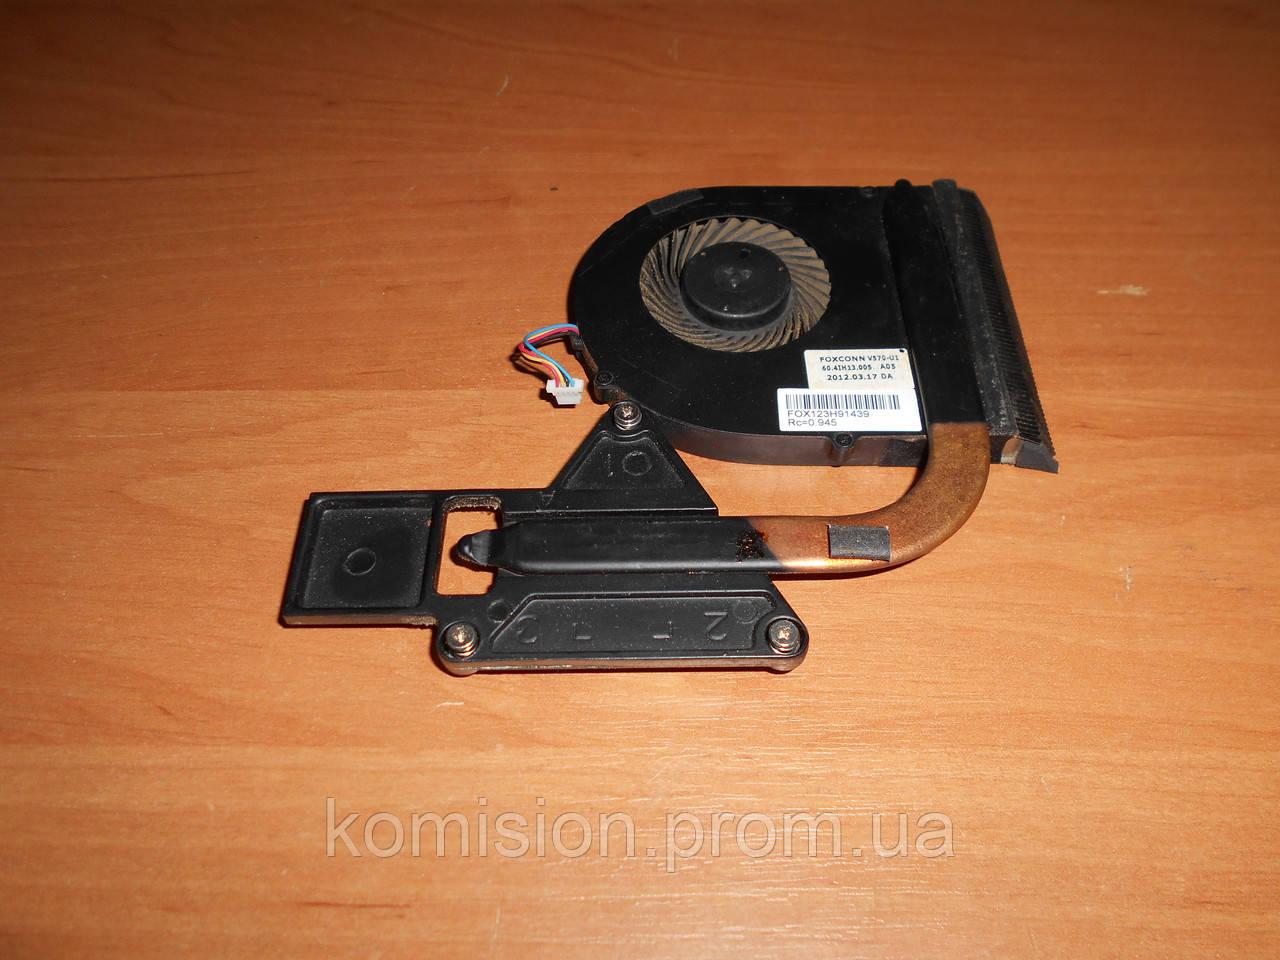 Система охлаждения ноутбук Lenovo B570e 15,6